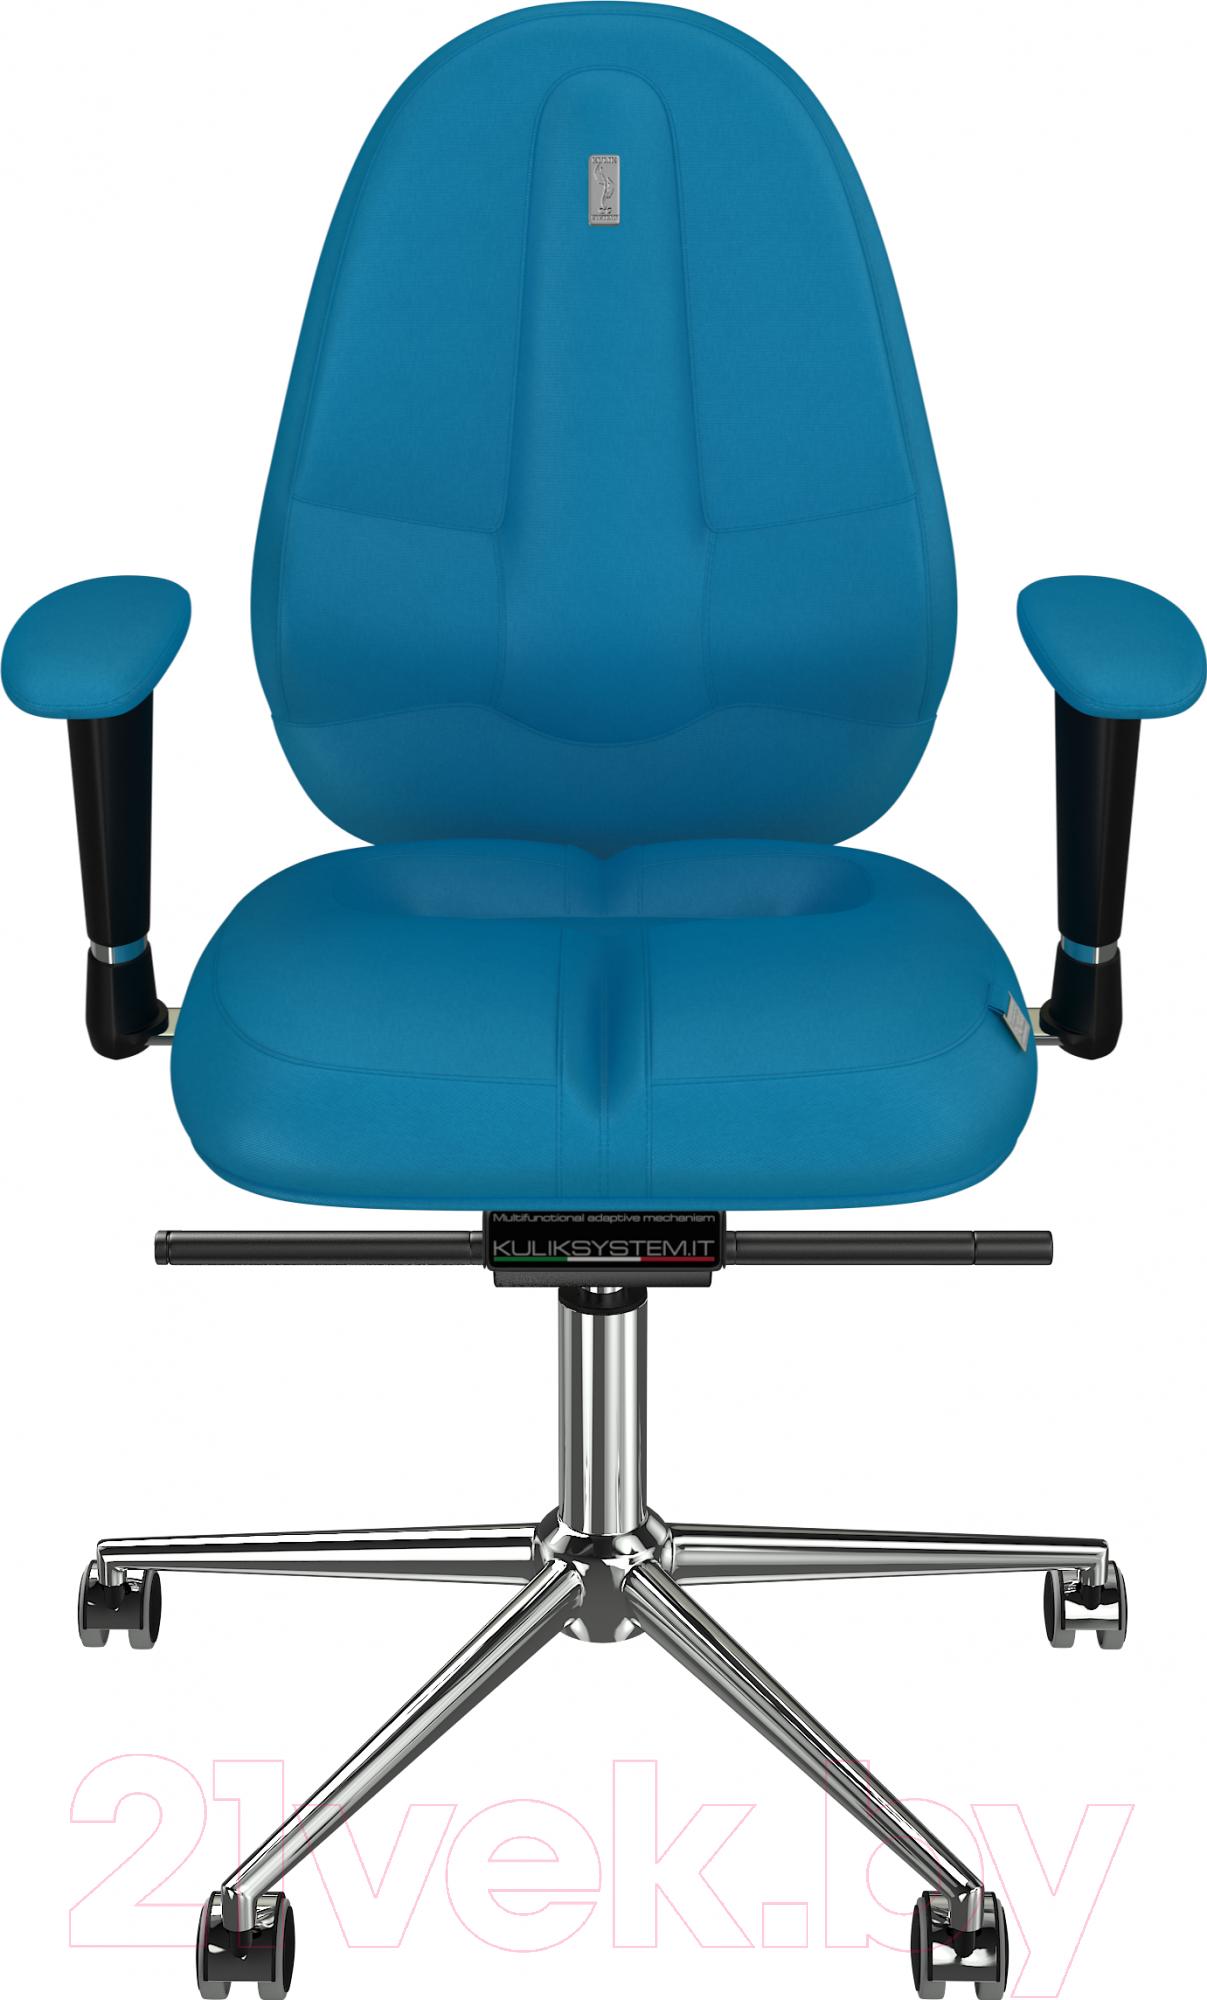 Купить Кресло офисное Kulik System, Classic азур (бирюзовый), Украина, Classic (Kulik System)